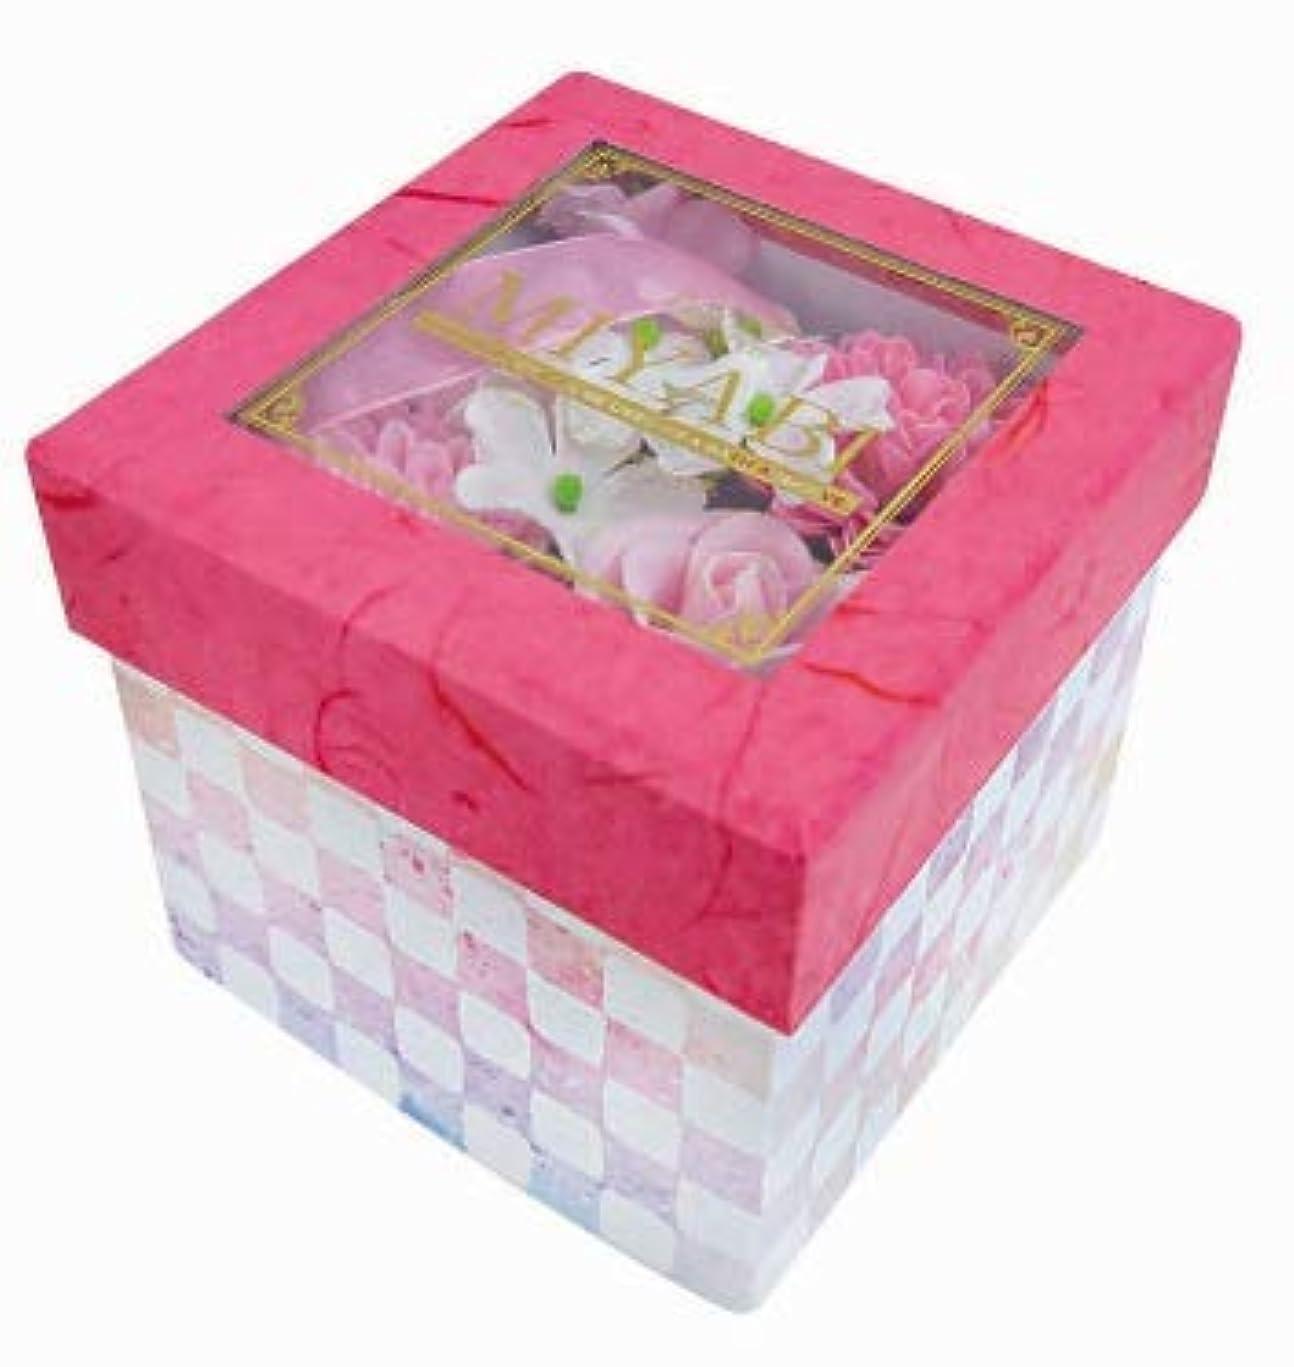 死の顎幾分シンボル花のカタチの入浴剤 和バスフレBOX-MIYABI-M恋 775581